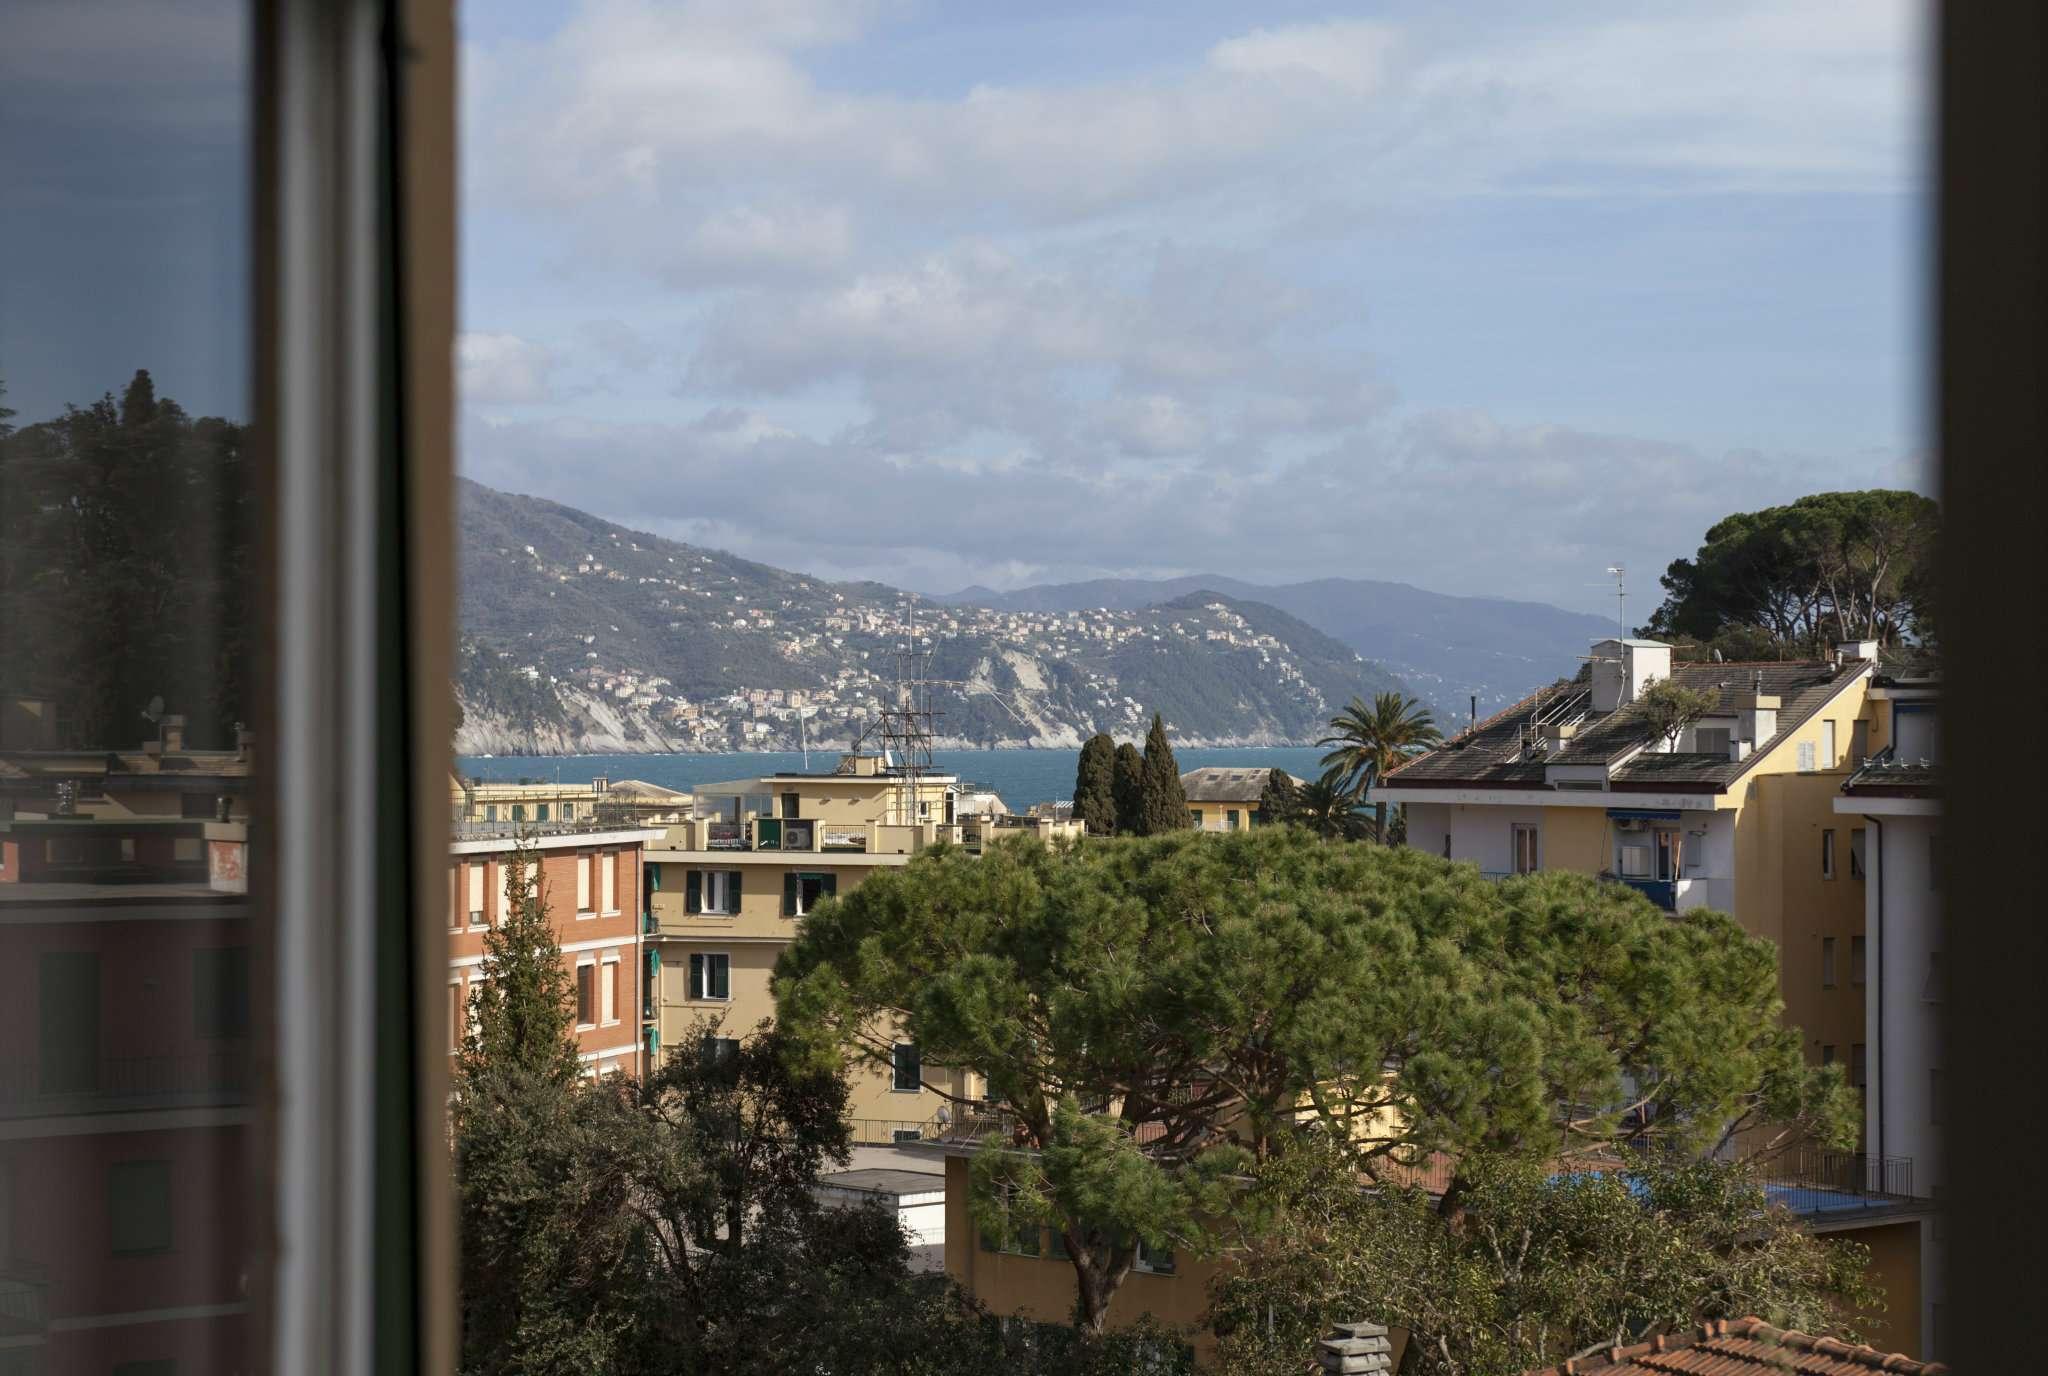 Appartamento in vendita a Santa Margherita Ligure, 4 locali, prezzo € 840.000 | CambioCasa.it